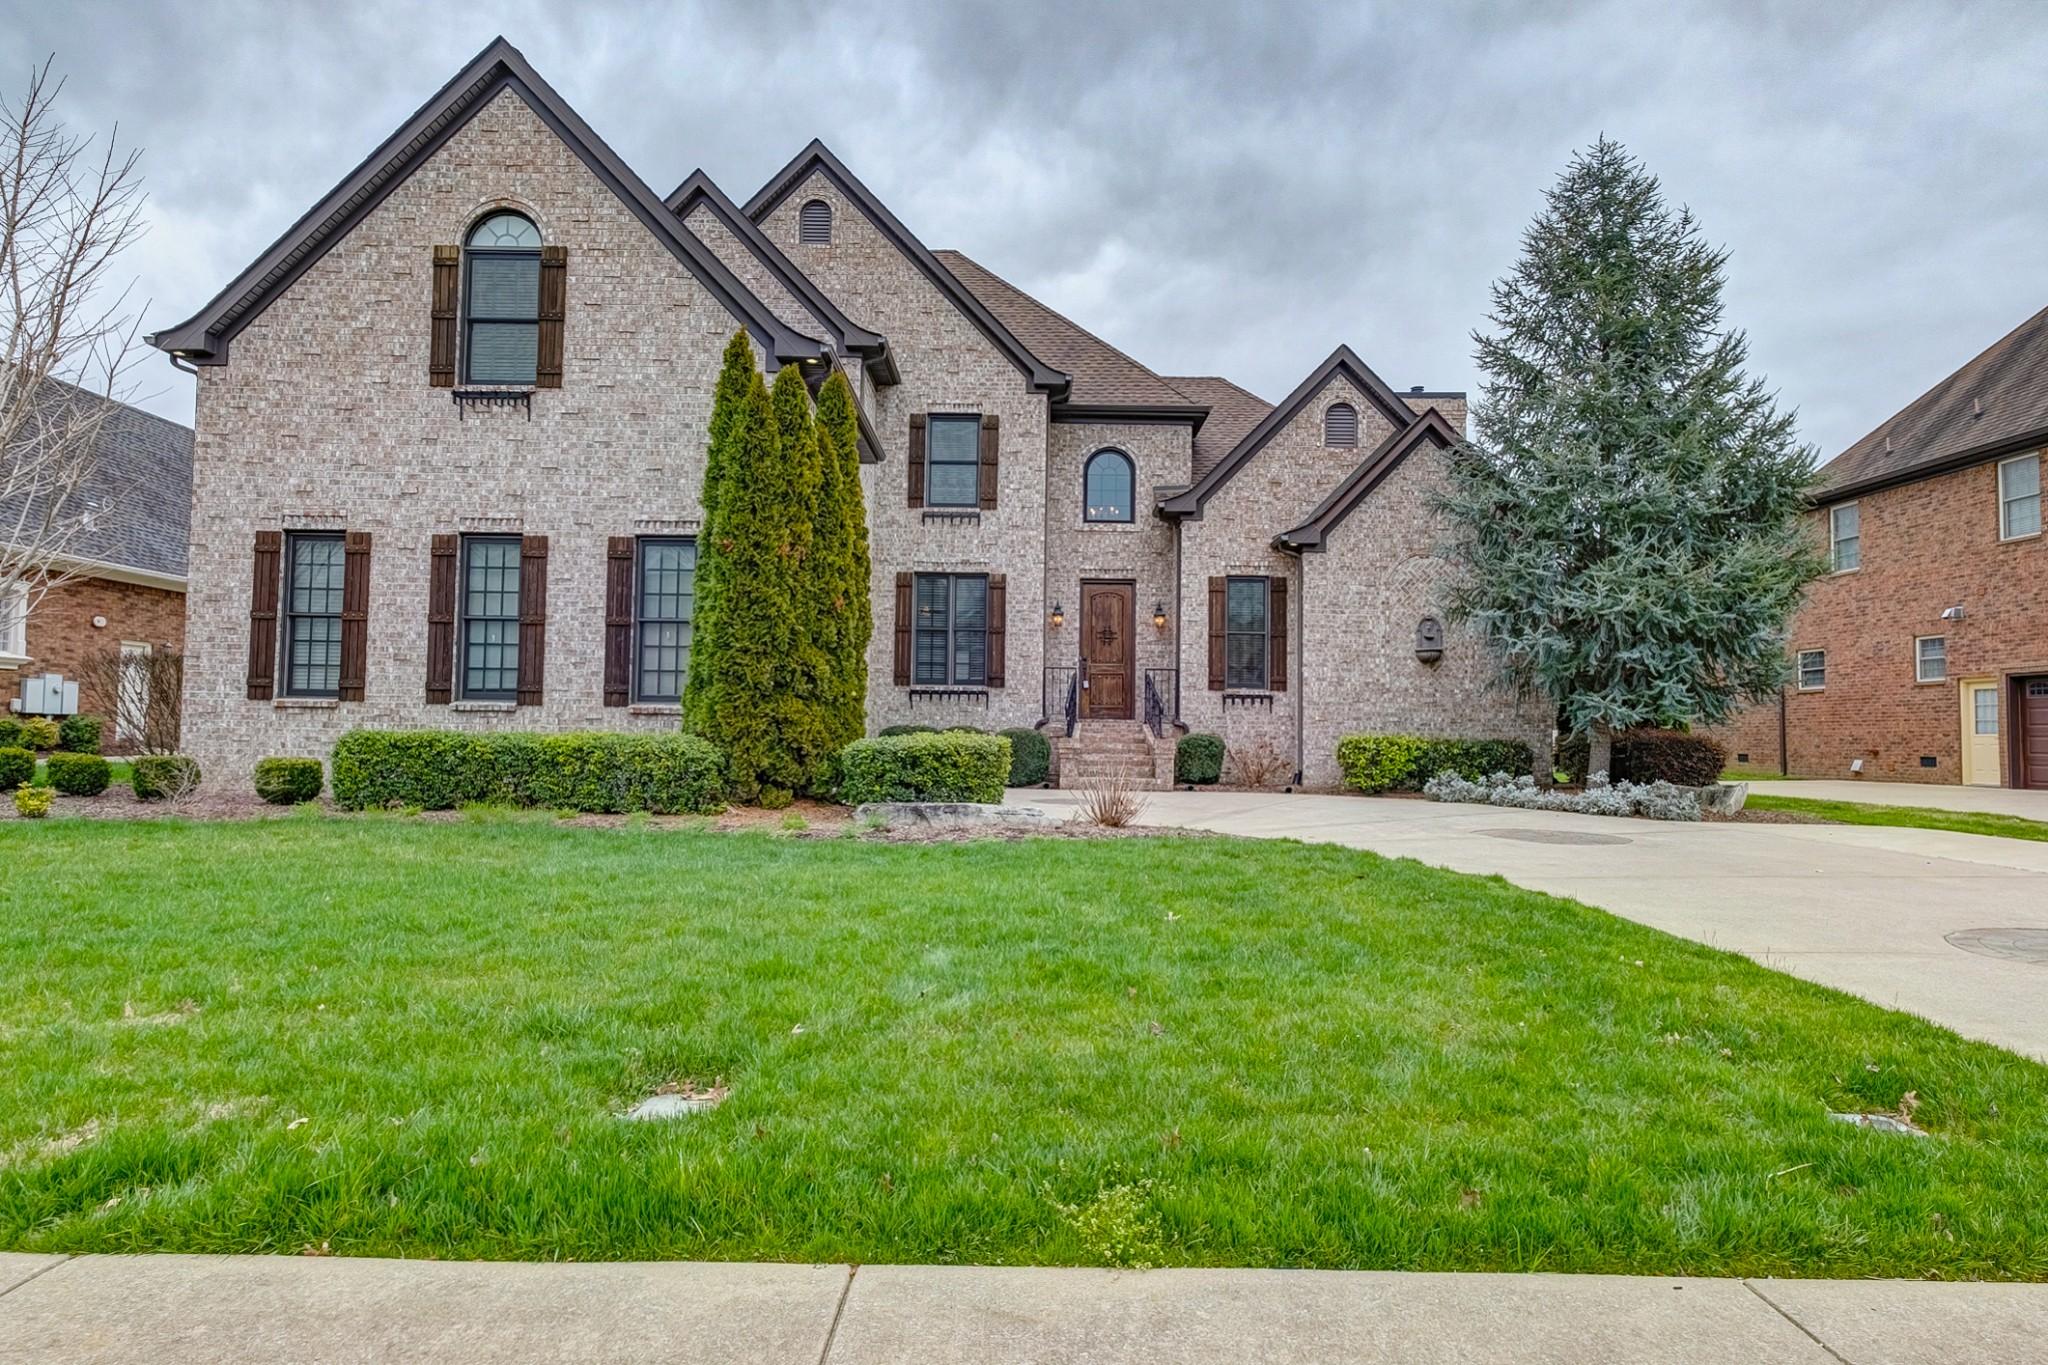 2710 Crowne Pointe Dr, Murfreesboro, TN 37130 - Murfreesboro, TN real estate listing